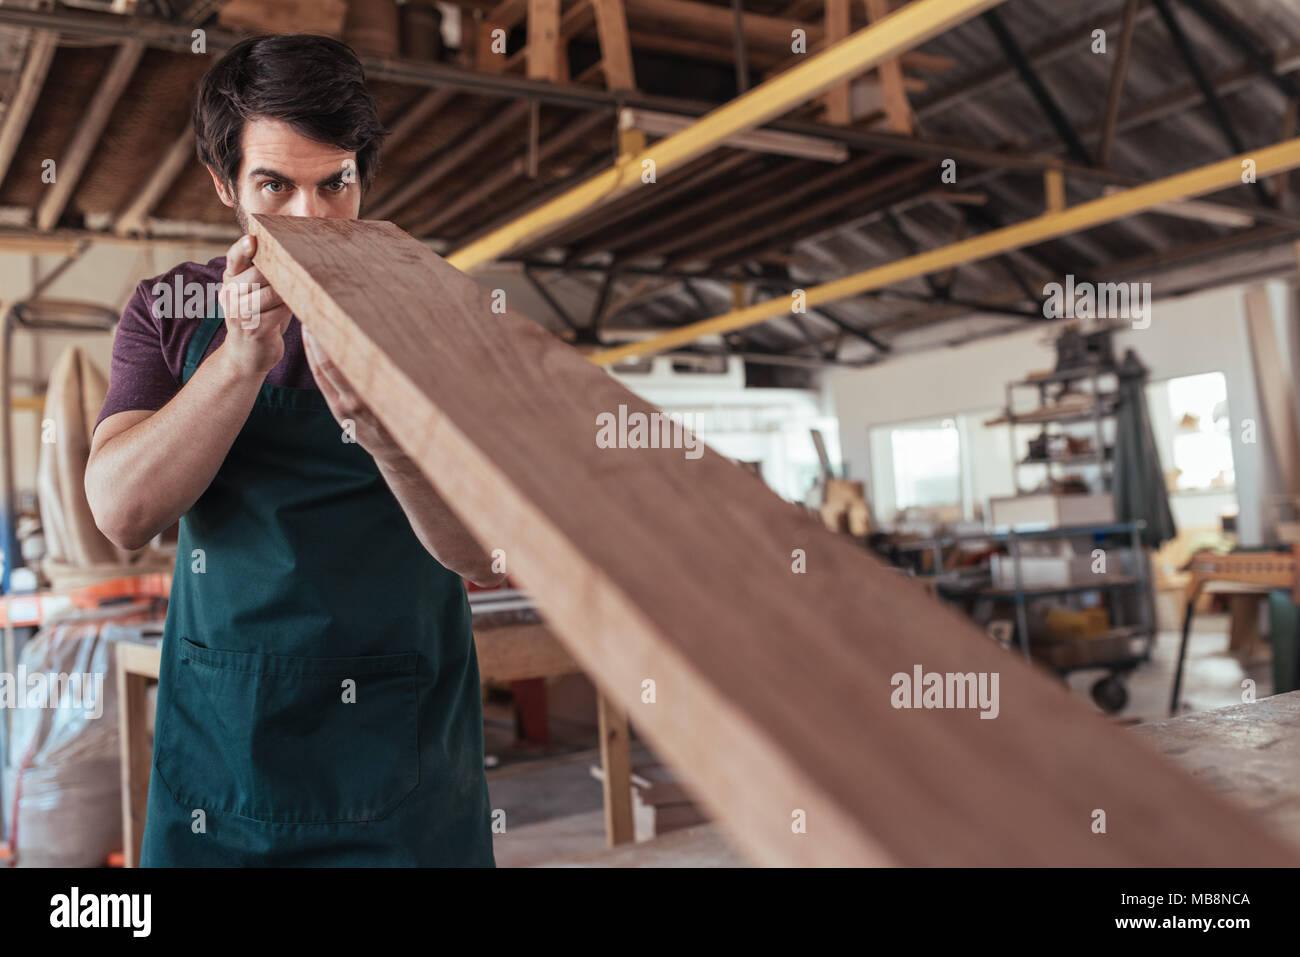 Habilement l'examen d'un travailleur du planche de bois dans son atelier Photo Stock